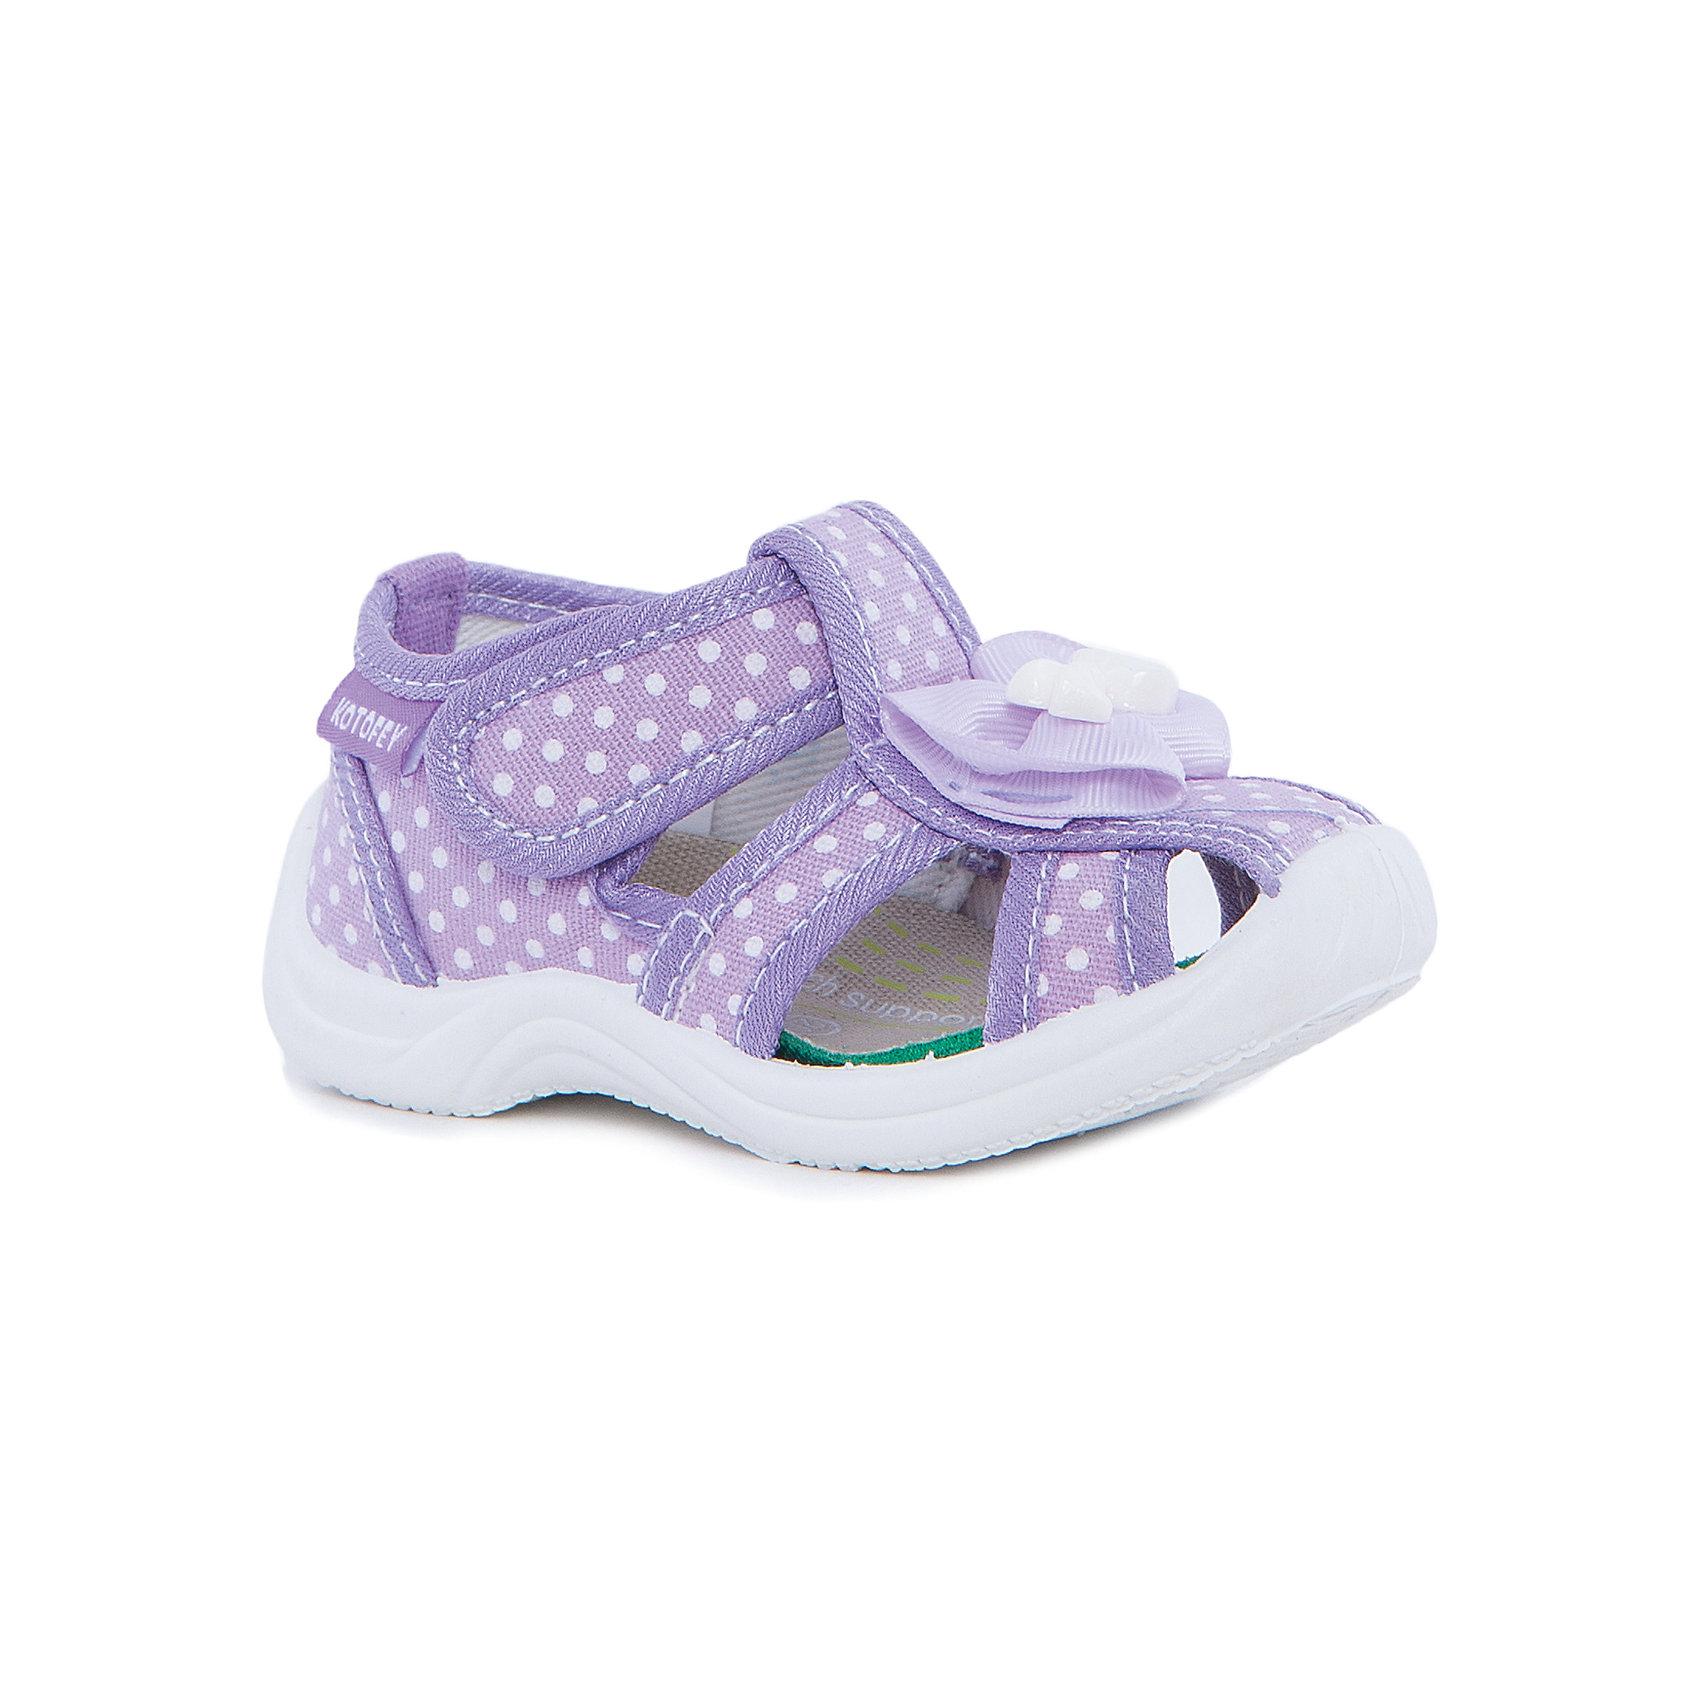 Сандалии для девочки КотофейСандалии<br>Котофей – качественная и стильная детская обувь по доступным ценам. С каждым днем популярность бренда растет.  Летние ботиночки полюбятся всем девочкам. Ботиночки выполнены с закрытым носком и прорезями по бокам, что делает из идеальной обувью для летних прогулок на свежем воздухе. Стильный принт и интересные детали делают образ ботиночек завершенным.  Качественные материалы позволят носить обувь все лето, не переживая за внешний вид.<br><br>Дополнительная информация:<br><br>цвет: сиреневый;<br>крепление: литьевое;<br>застежка: липучка;<br>температурный режим: от +15°С до +25° С.<br><br>Состав:<br>верх – текстильный материал;<br>подкладка – текстильный материал;<br>материал подошвы – ПВХ.<br><br>Летние ботиночки для девочек ясельного возраста из текстиля от фирмы Котофей можно приобрести у нас в магазине.<br><br>Ширина мм: 227<br>Глубина мм: 145<br>Высота мм: 124<br>Вес г: 325<br>Цвет: лиловый<br>Возраст от месяцев: 15<br>Возраст до месяцев: 18<br>Пол: Женский<br>Возраст: Детский<br>Размер: 22,20,25,24,21,23<br>SKU: 4982309